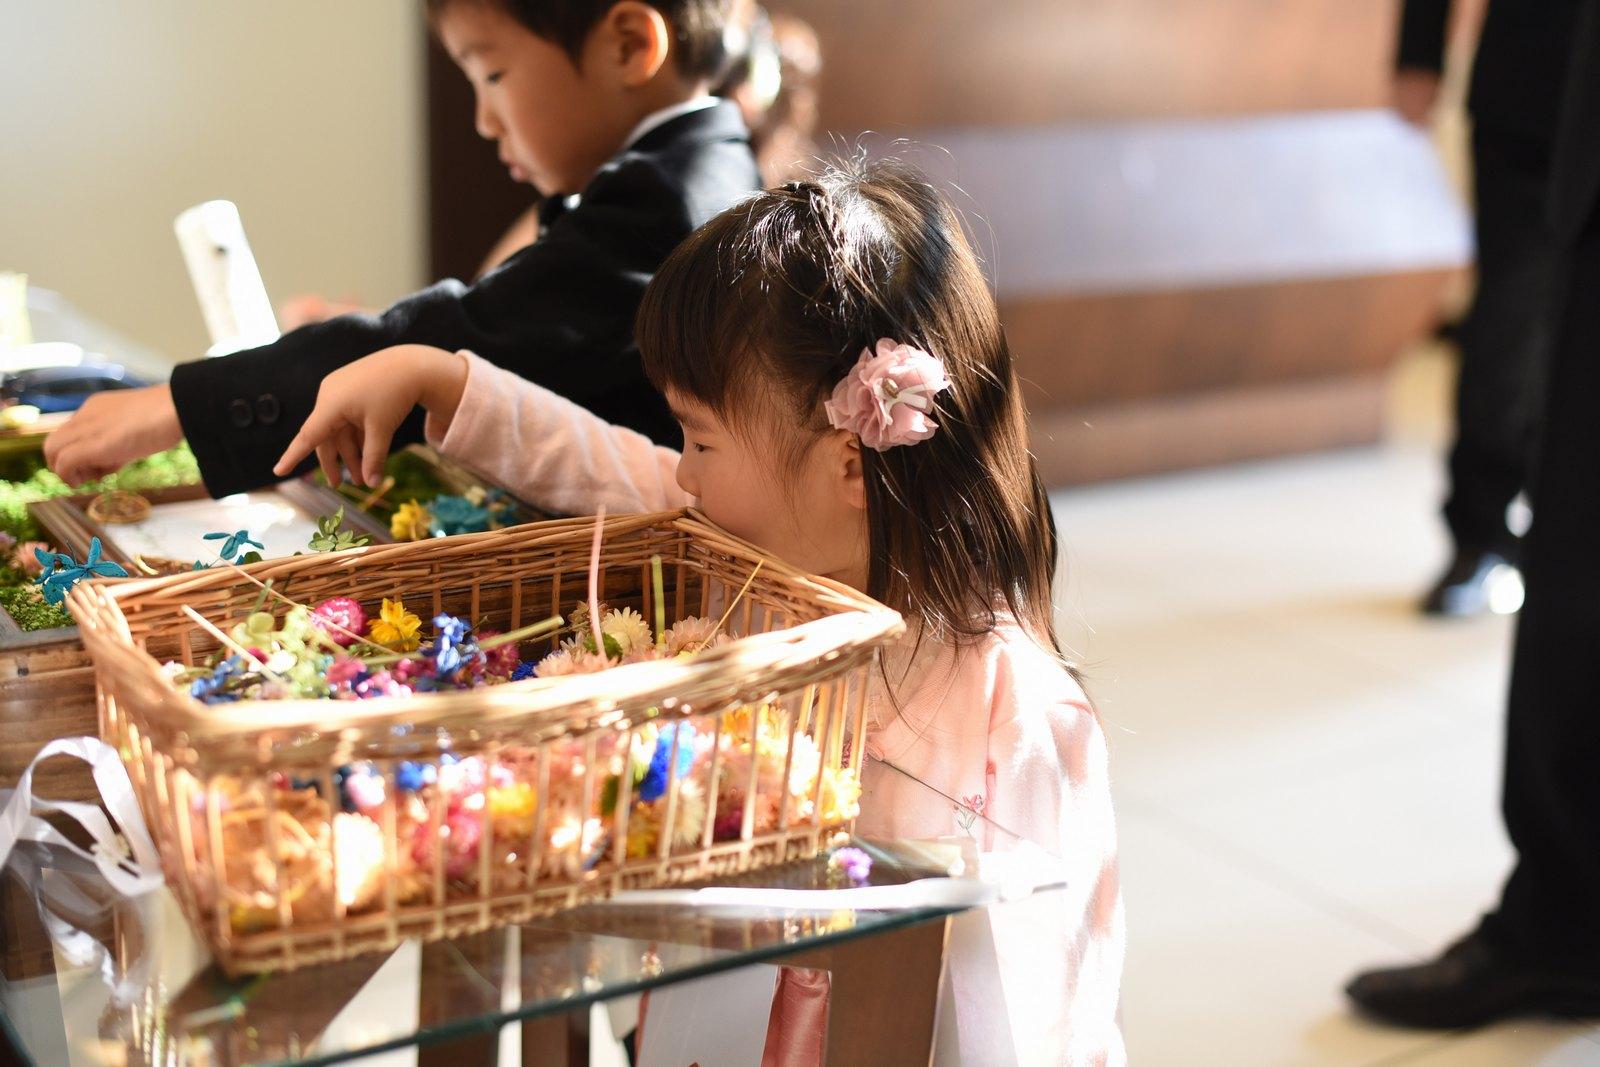 高松市の結婚式場アイルバレクラブでフラワーボックスにお花を飾るお子様ゲスト